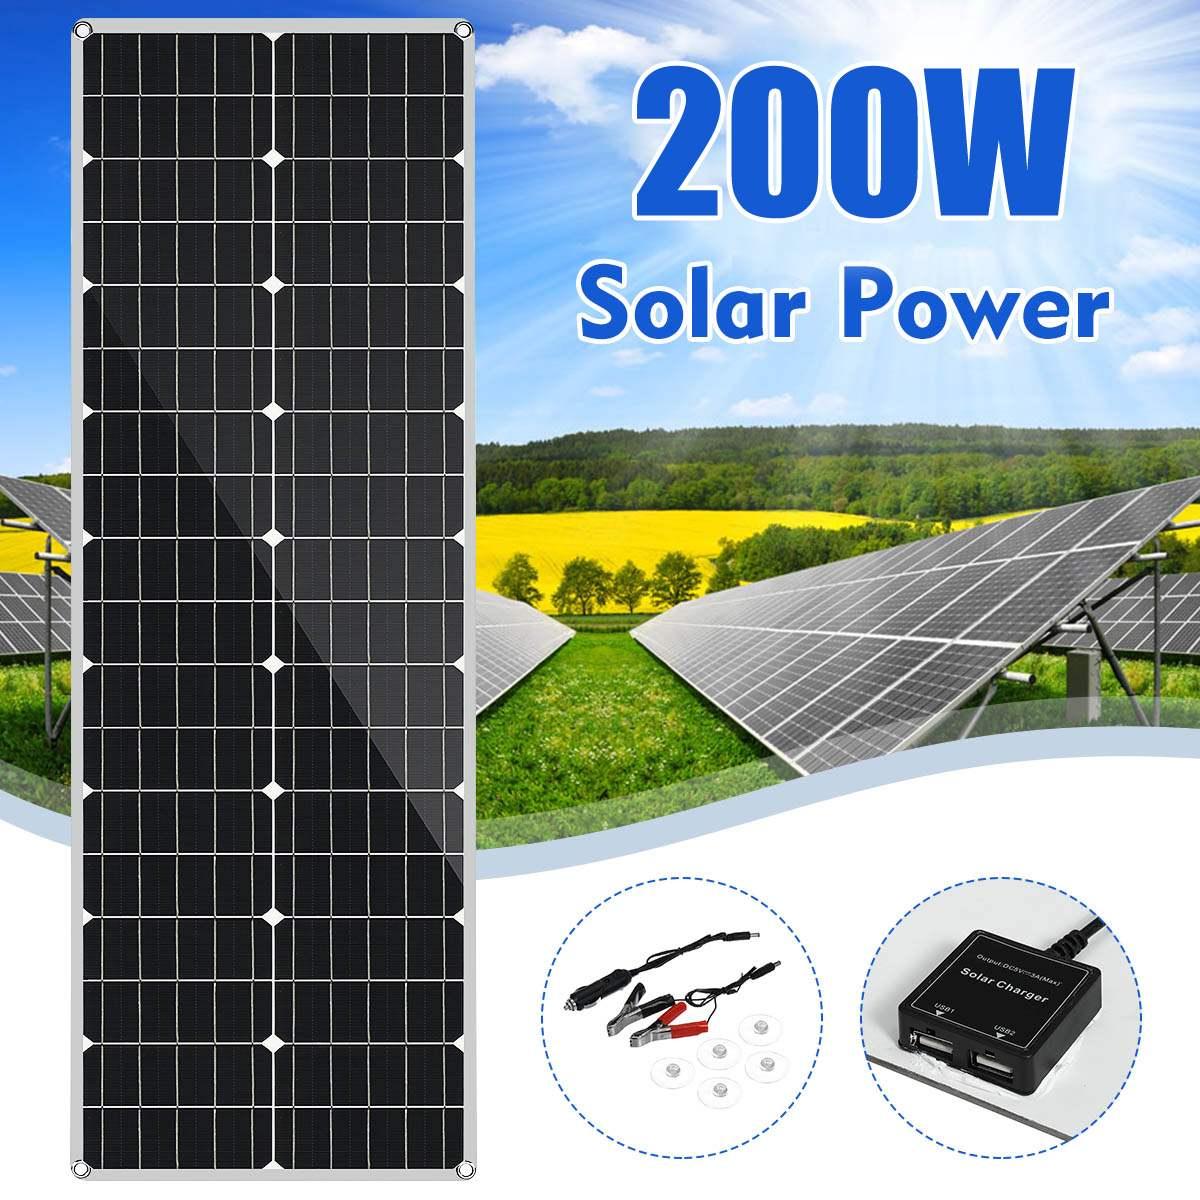 LEORY 18V panneau solaire 200W Flexible monocristallin silicium panneau solaire pour plein air cyclisme escalade randonnée Camping batterie solaire